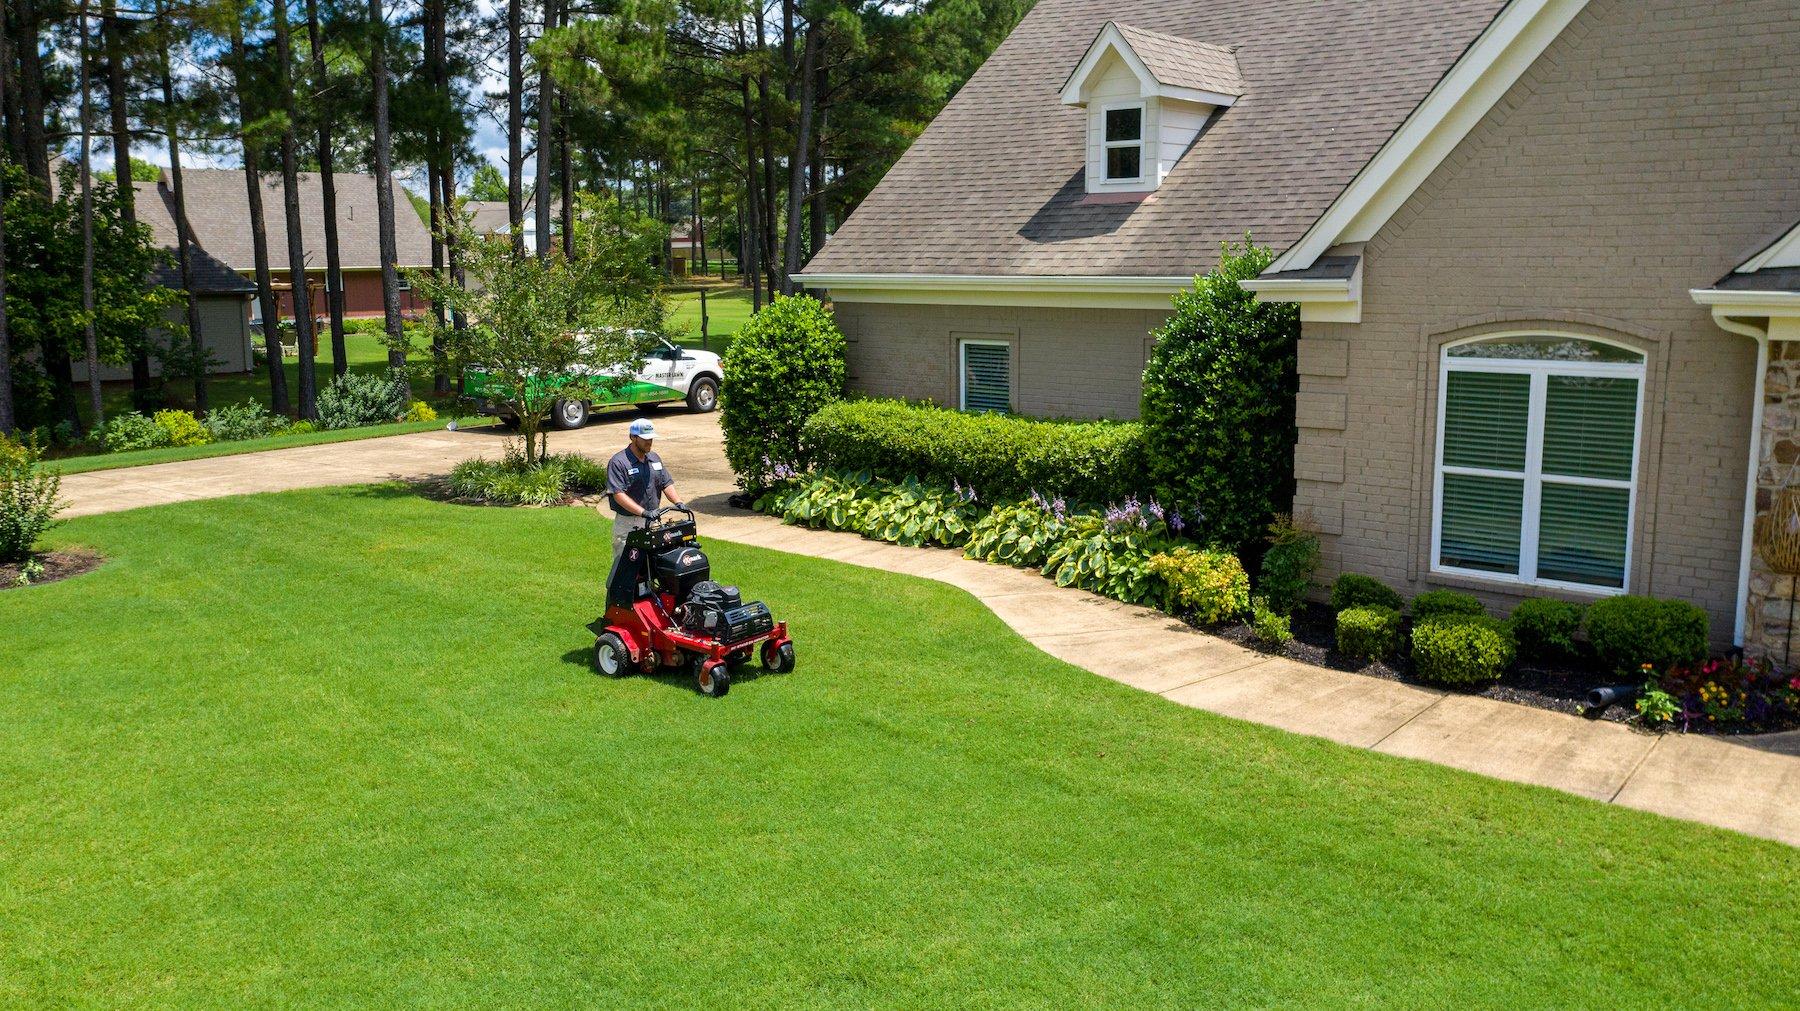 lawn care technician aerating